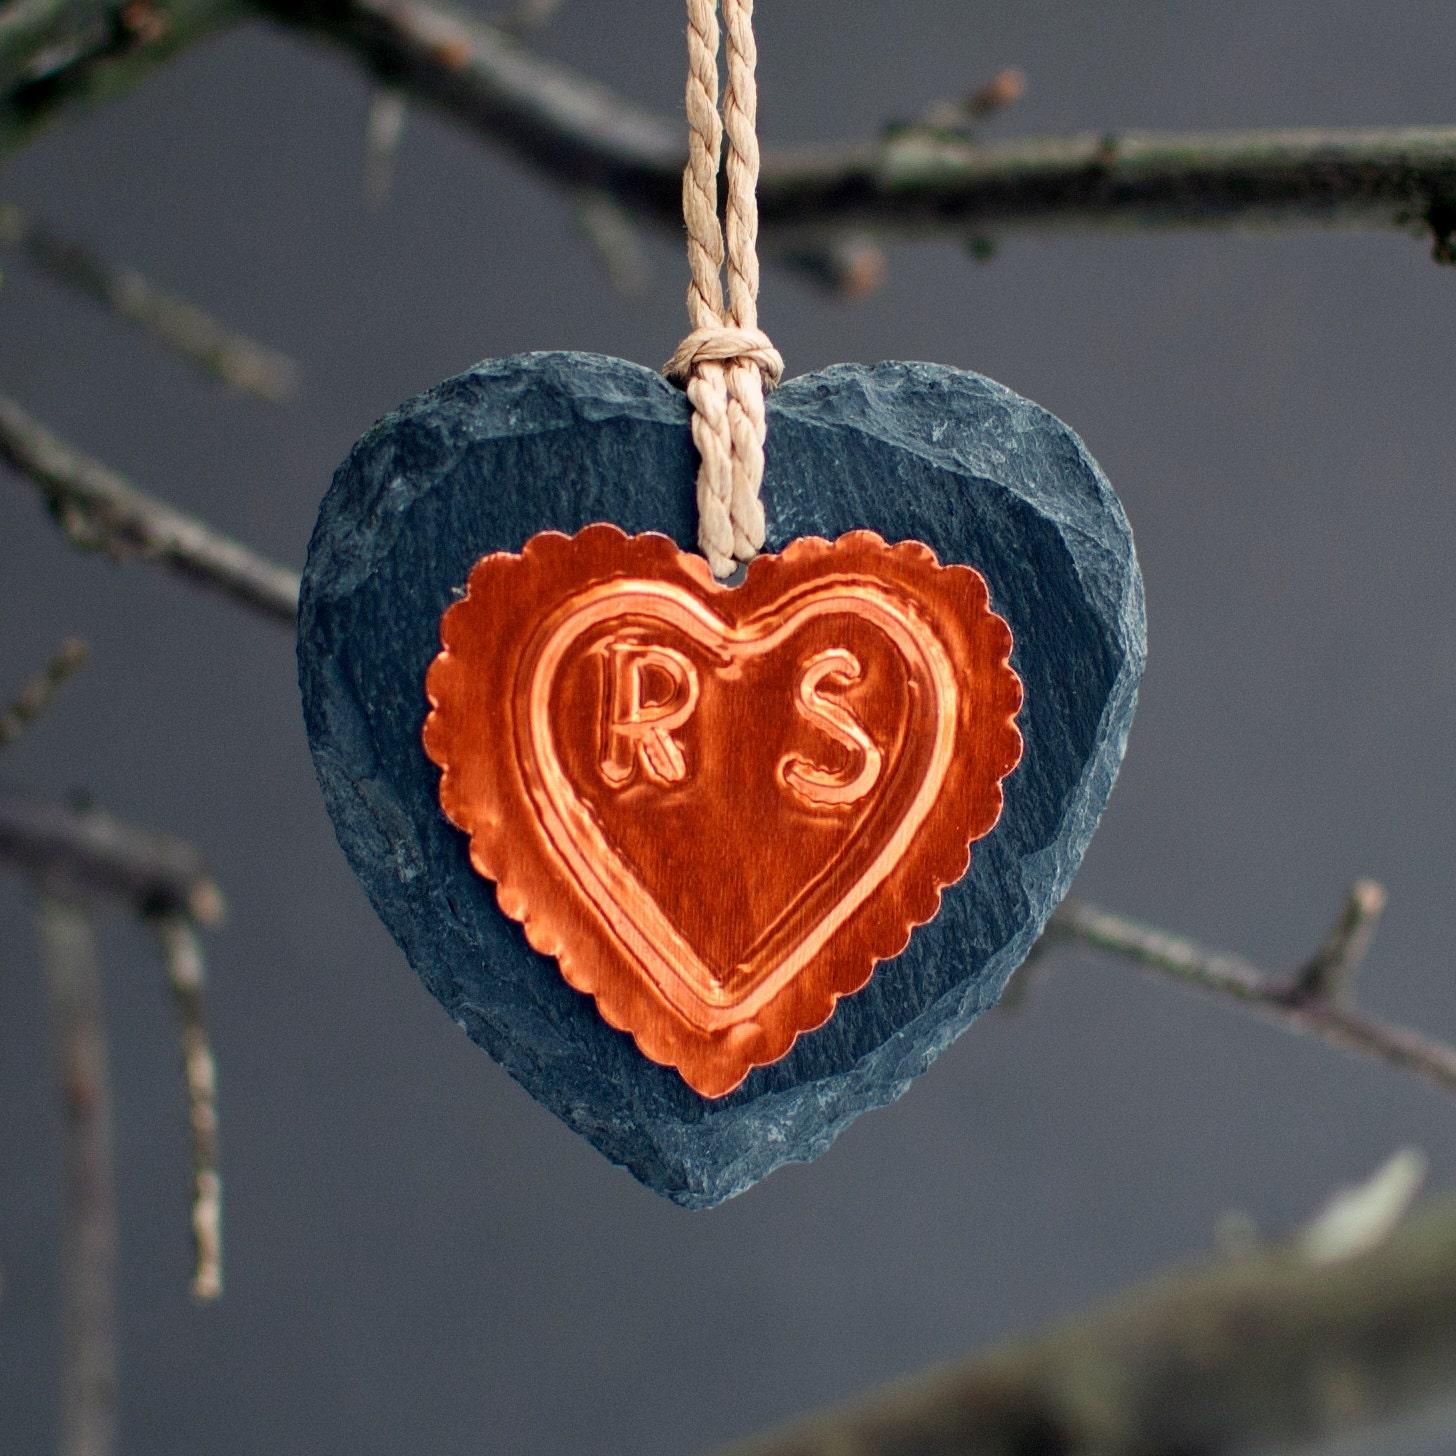 Copper Heart Anniversary Ornament Slate Ornament Gift for Husband Gift for Couple Anniversary Gift for Girlfriend Copper Home Accessories